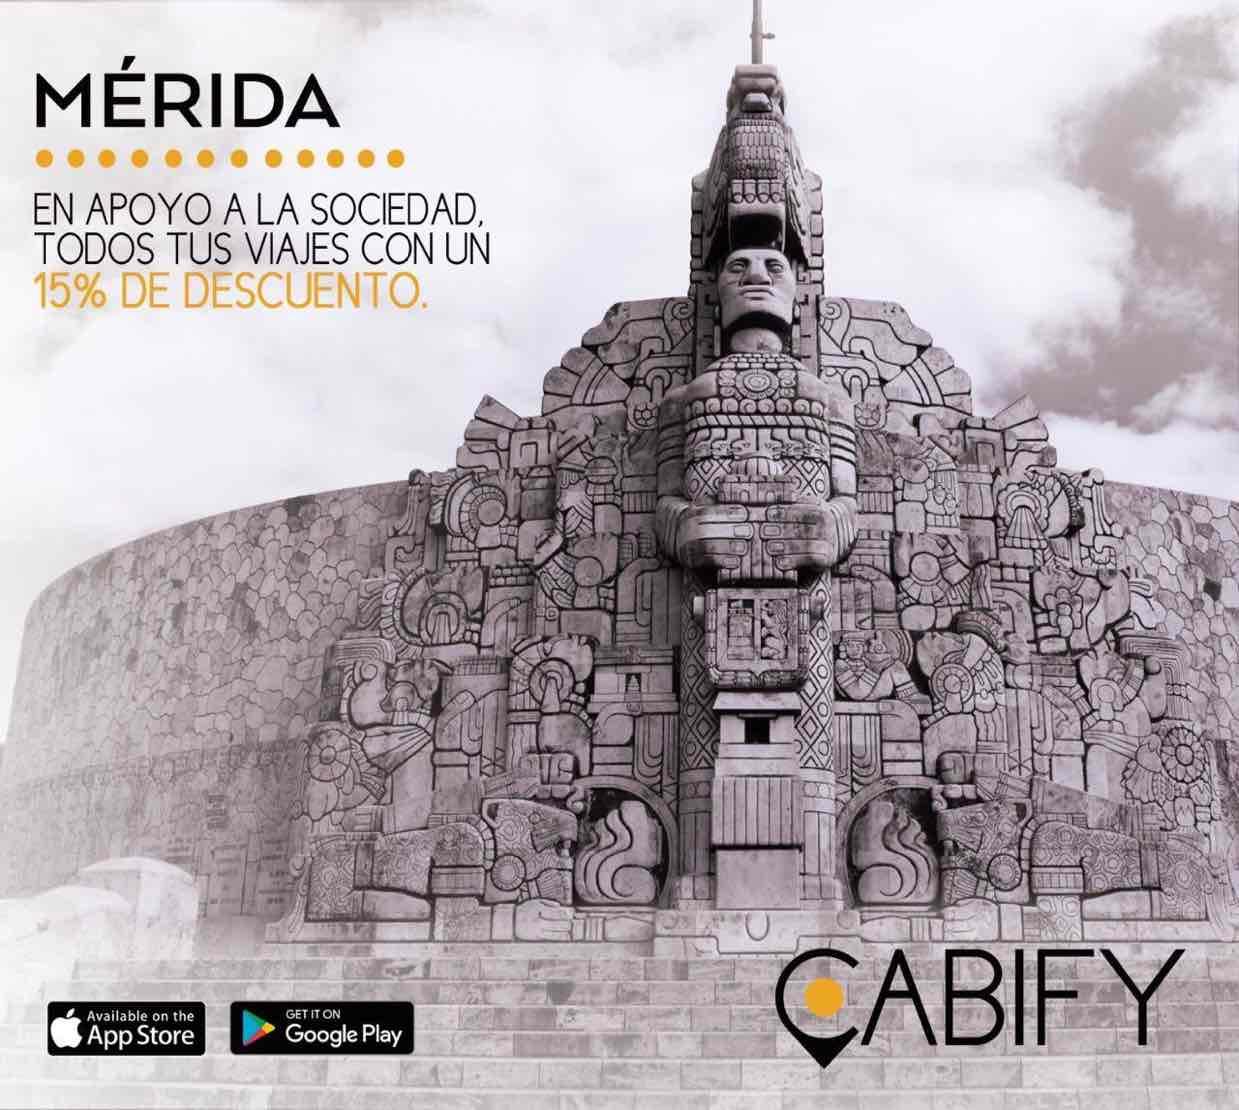 Cabify Mérida: Descuento de 15% en tus viajes (todos los usuarios en Mérida)